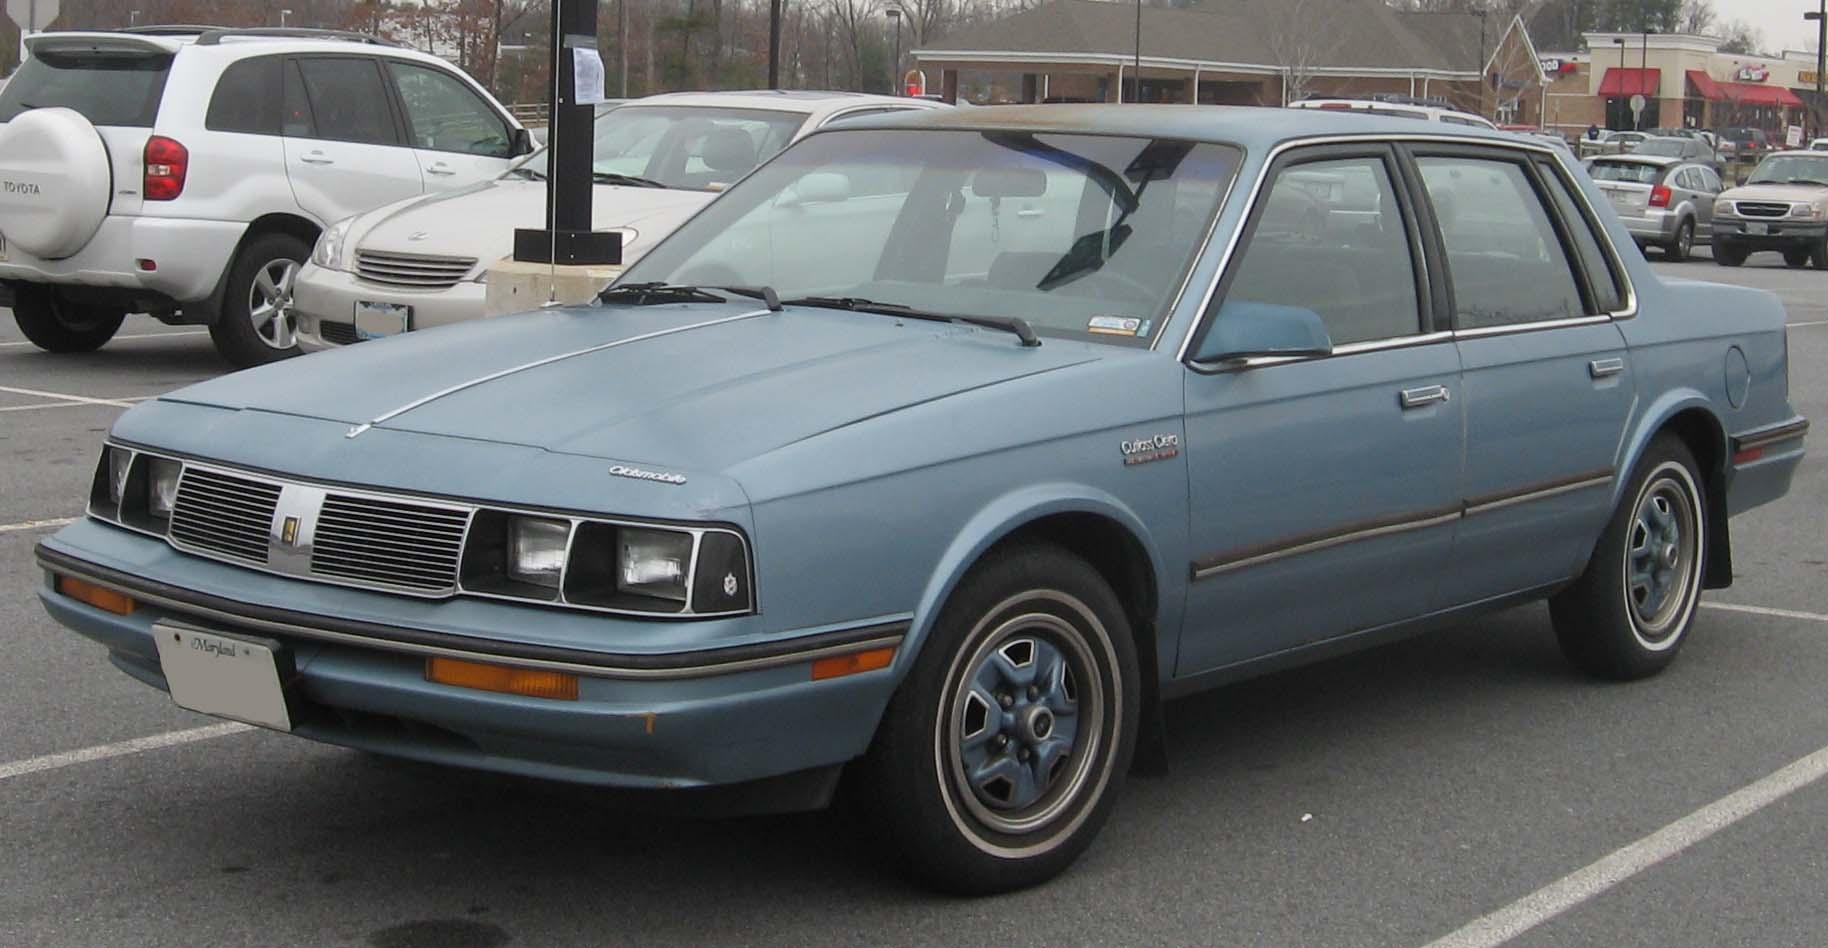 1993 Oldsmobile Cutl Ciera - Information and photos - Neo ... on